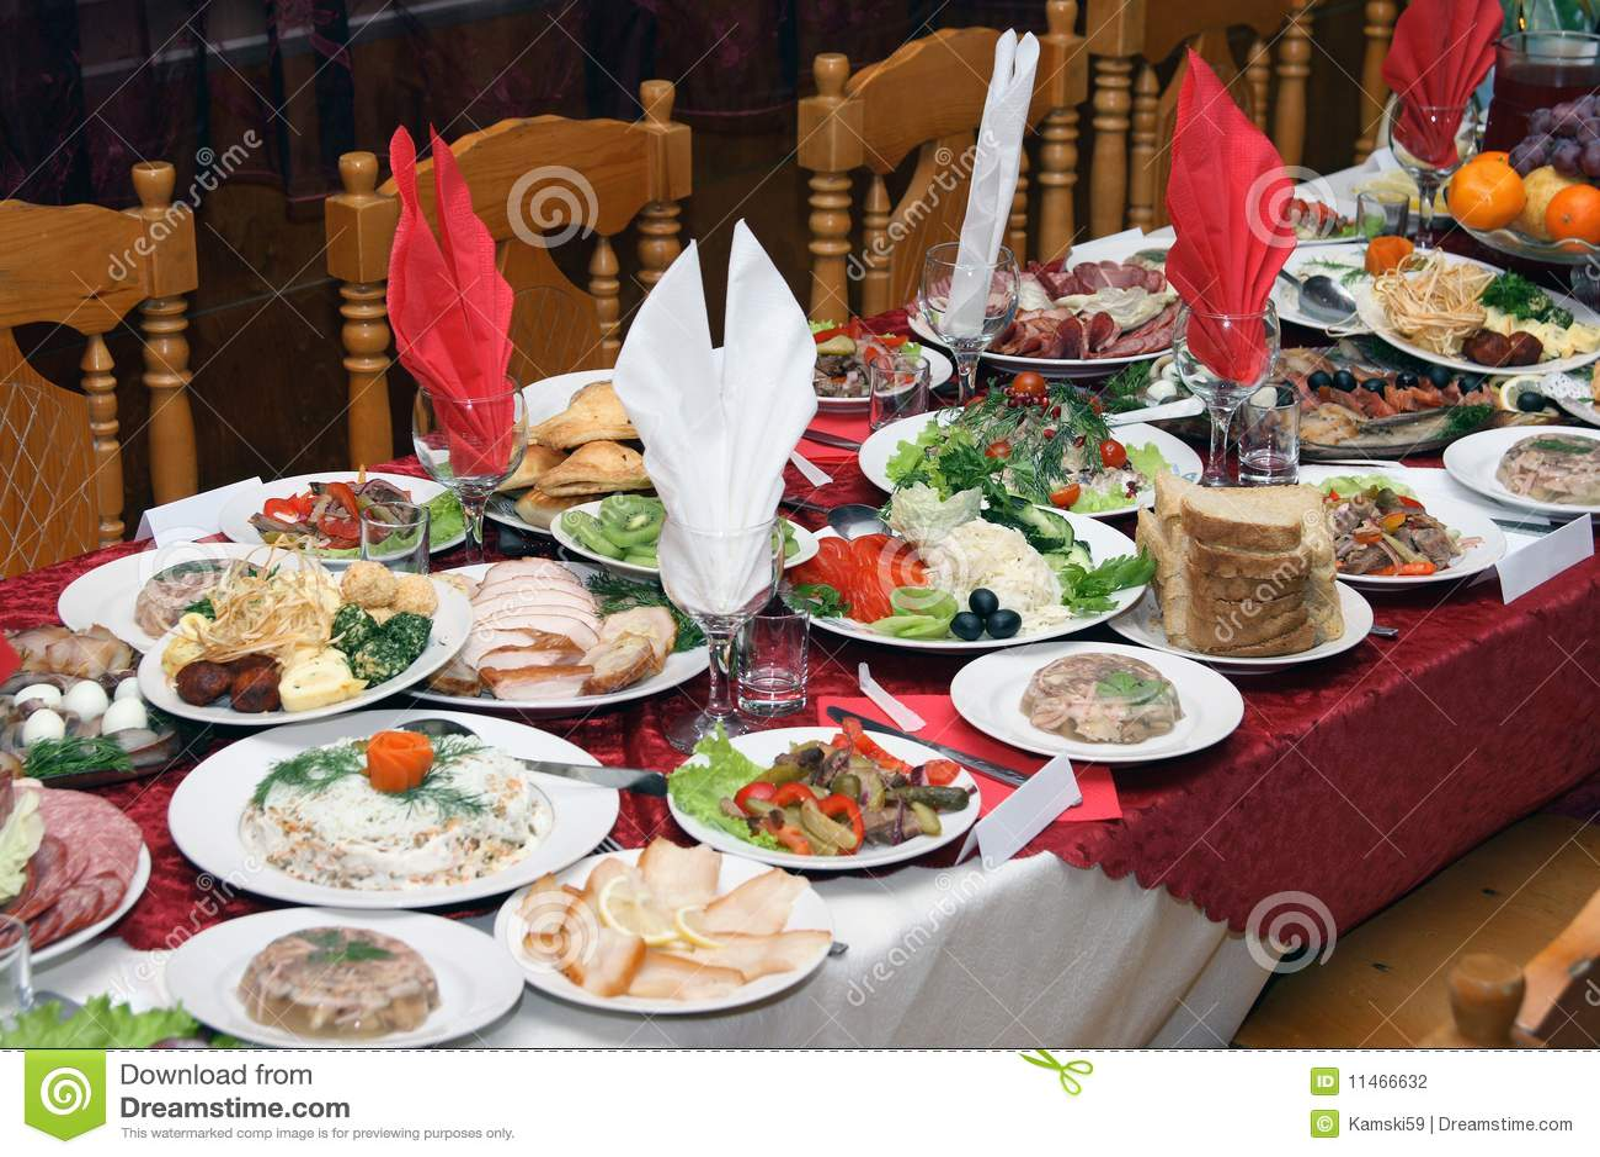 ♪♫♪ FELIIIIIIIZ CUMPLEAÑOS PAPITAAAAAAAAAAAAAA♪♫♪ Banquete-ruso-11466632